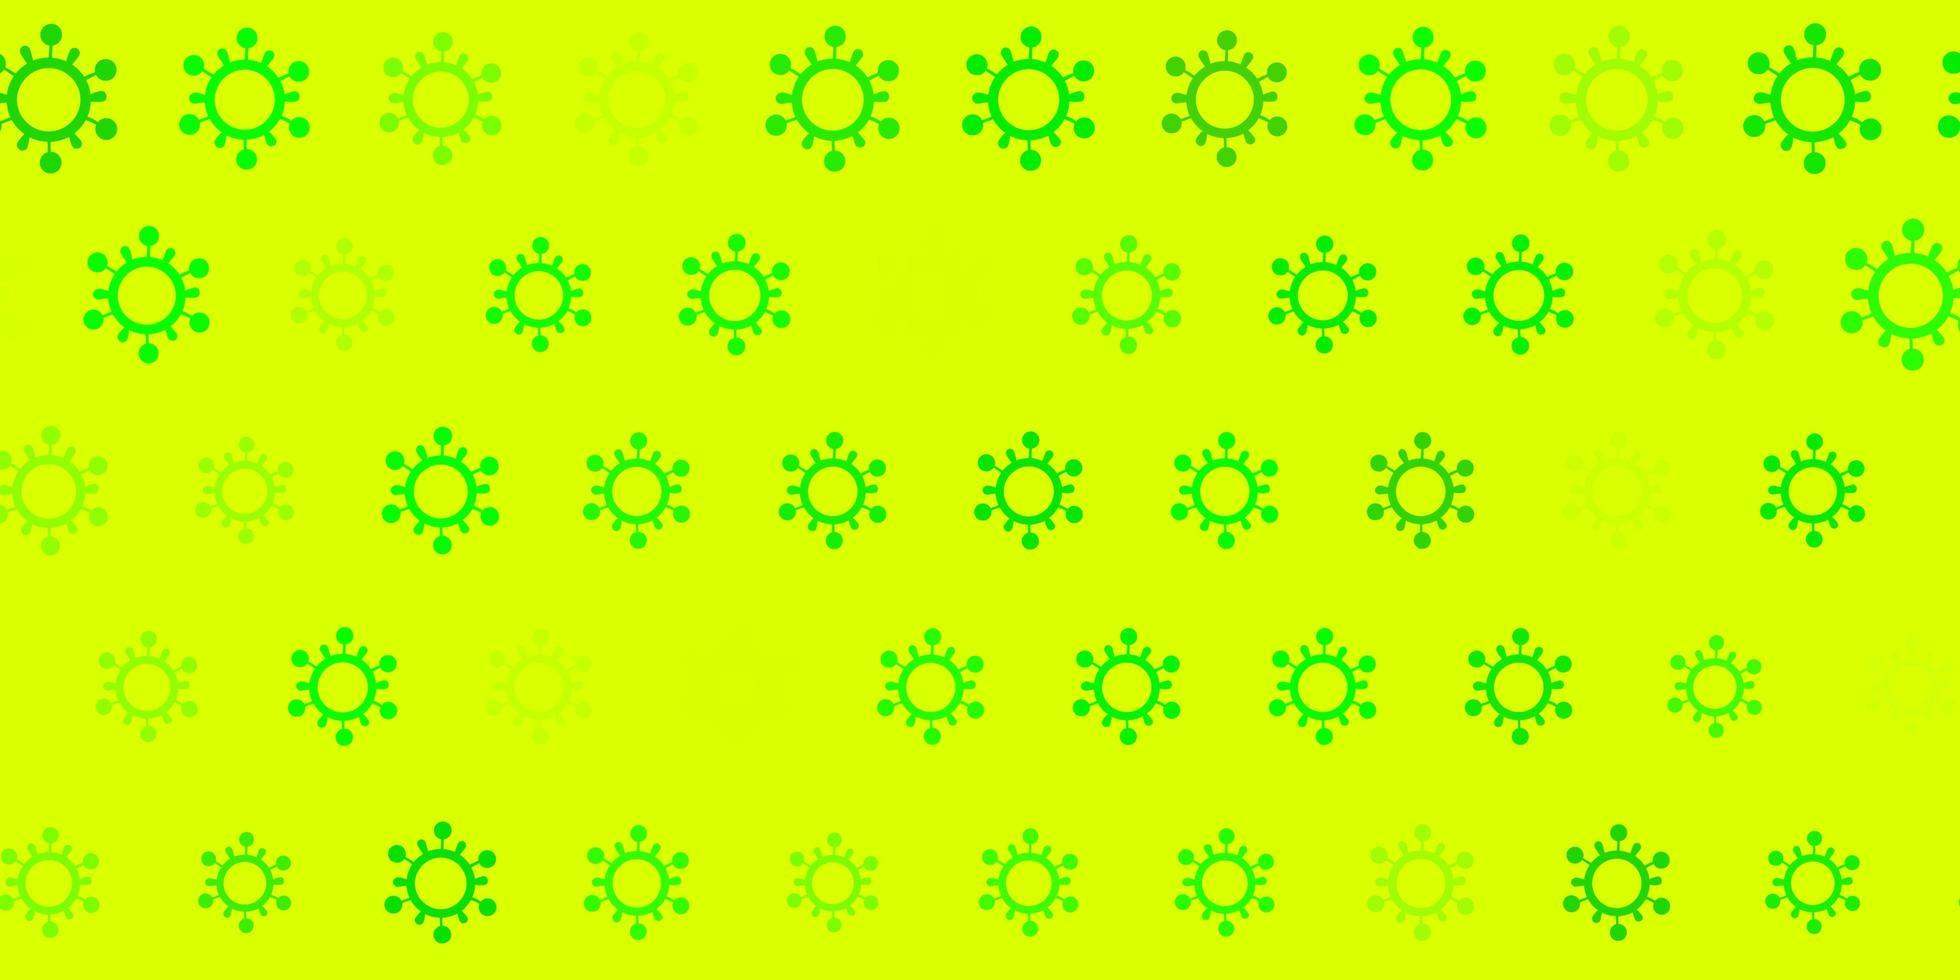 grön bakgrund med covid 19 symboler. vektor